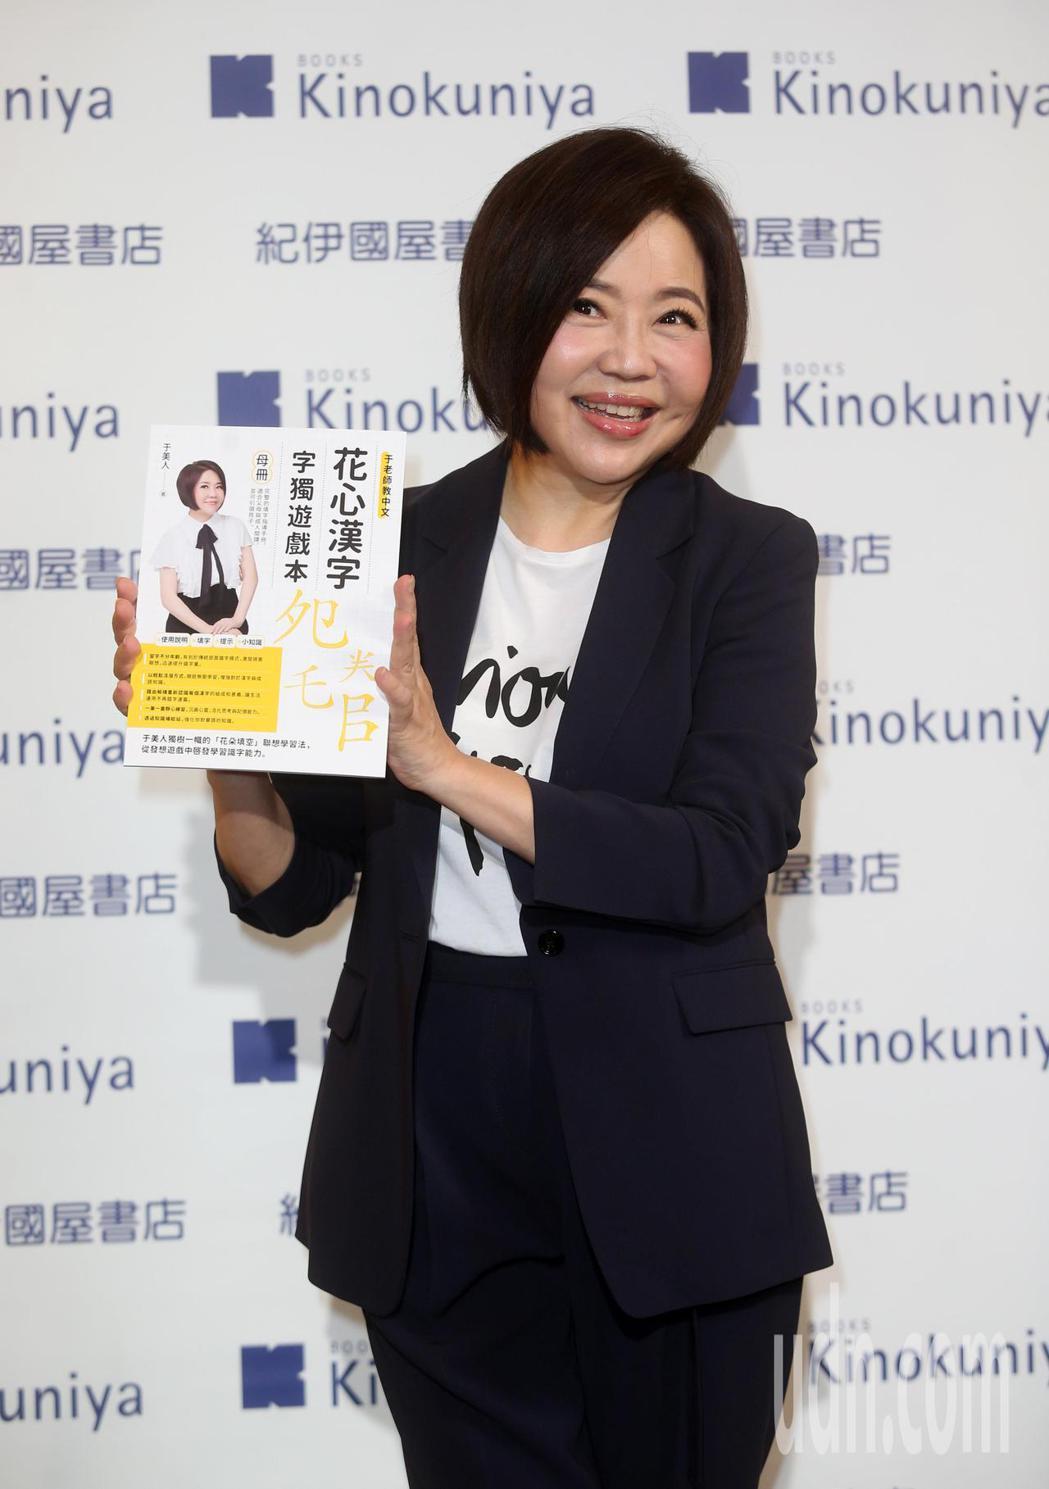 主持人于美人下午舉行新書《花心漢字字獨遊戲本》發表,他表示主要起因是兒子竟然將捷...